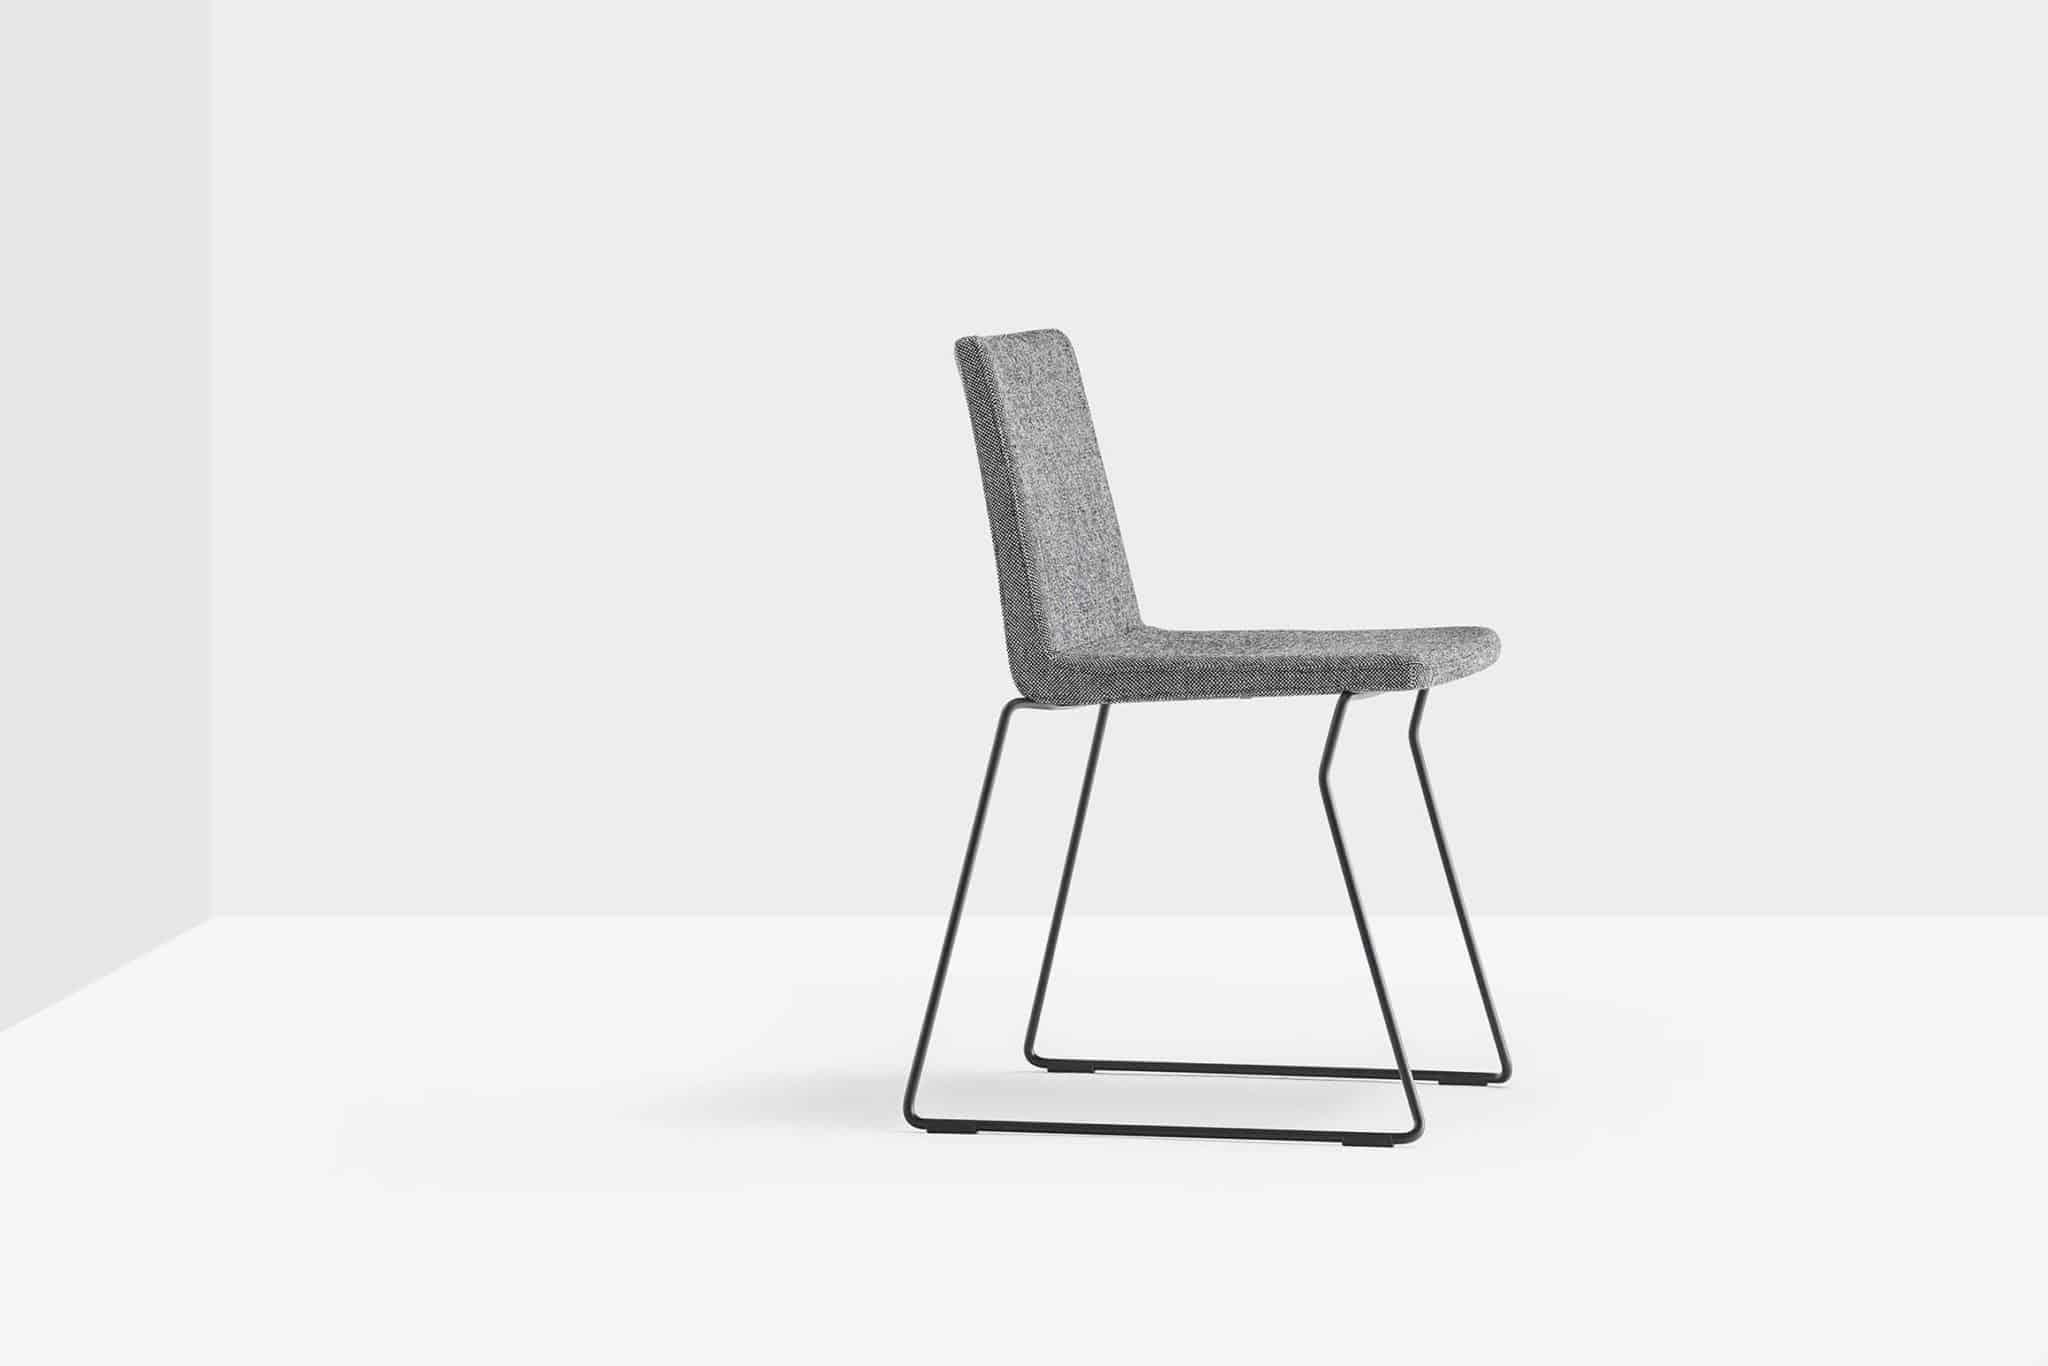 PEDRALI OSAKA 5724 chaise recouverte de tissu